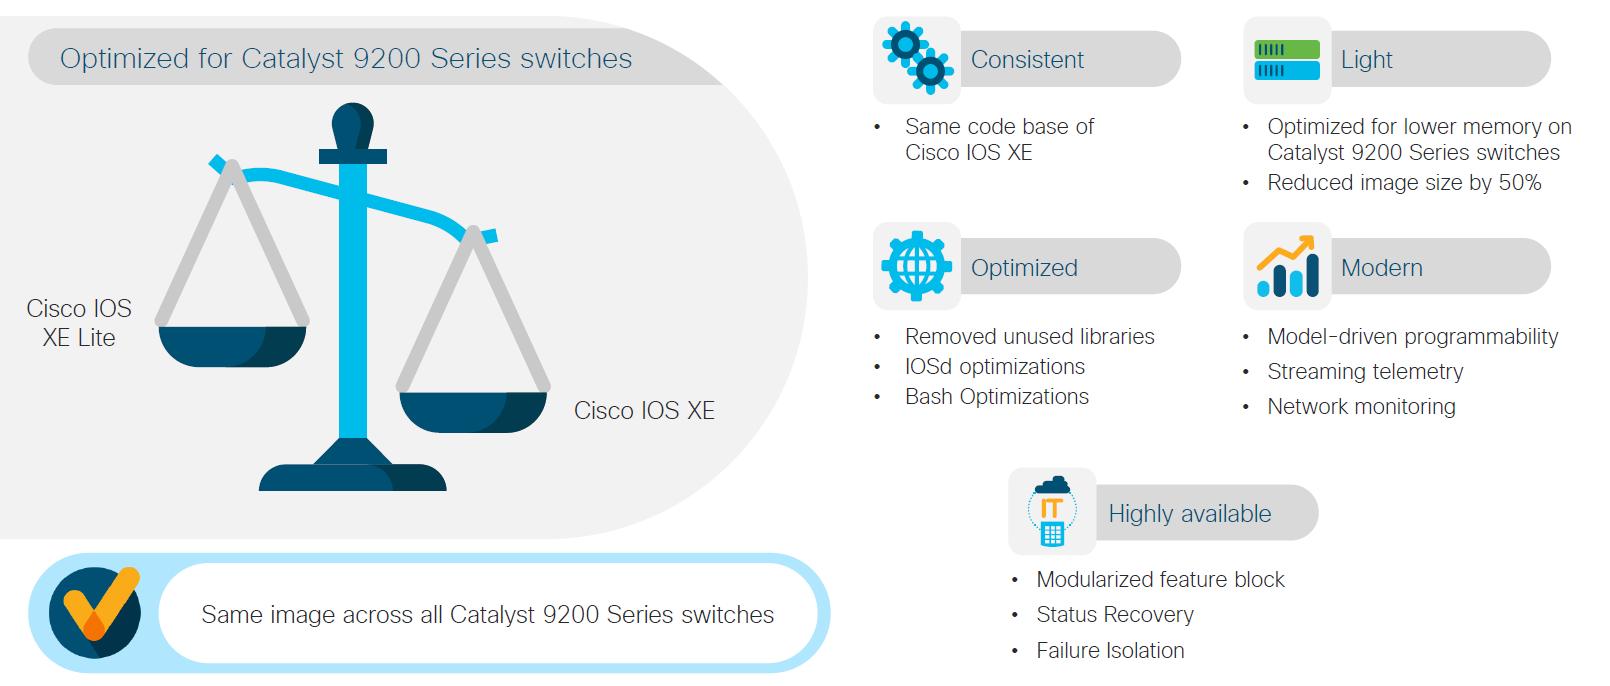 Cisco IOS XE Lite